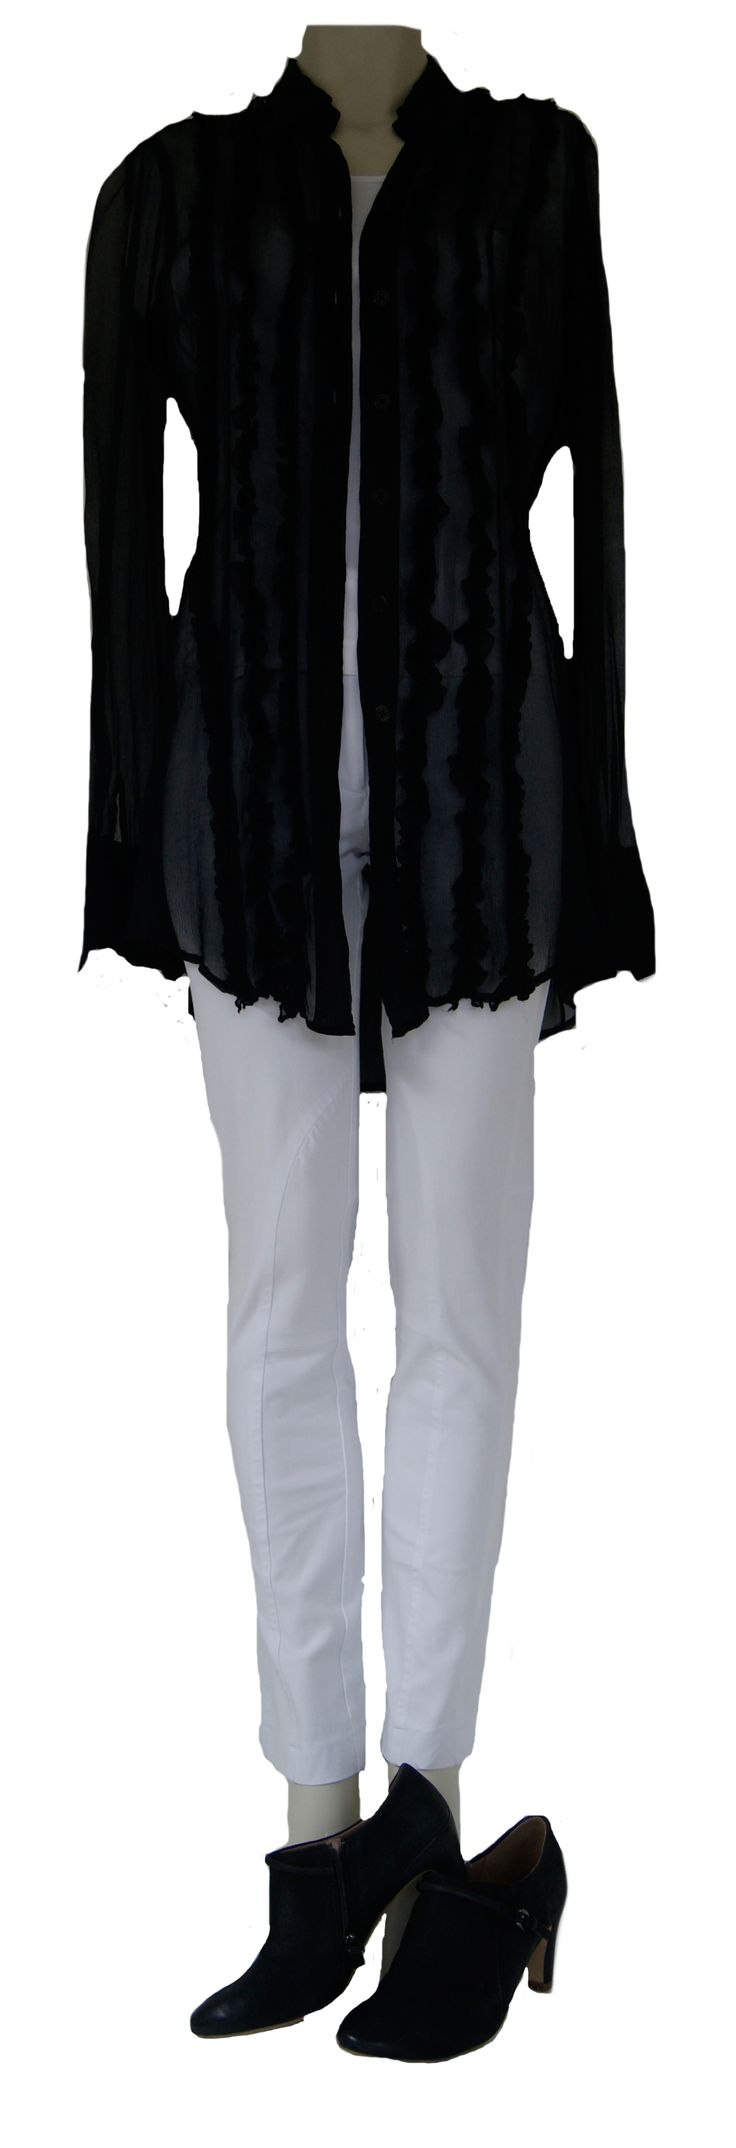 Denk wit, denk zwart met deze blouse van Donna Karan, broek van Pauw en schoenen van Ecco. Tweedehands Klassekleding : kleding waar vrouwen van houden .